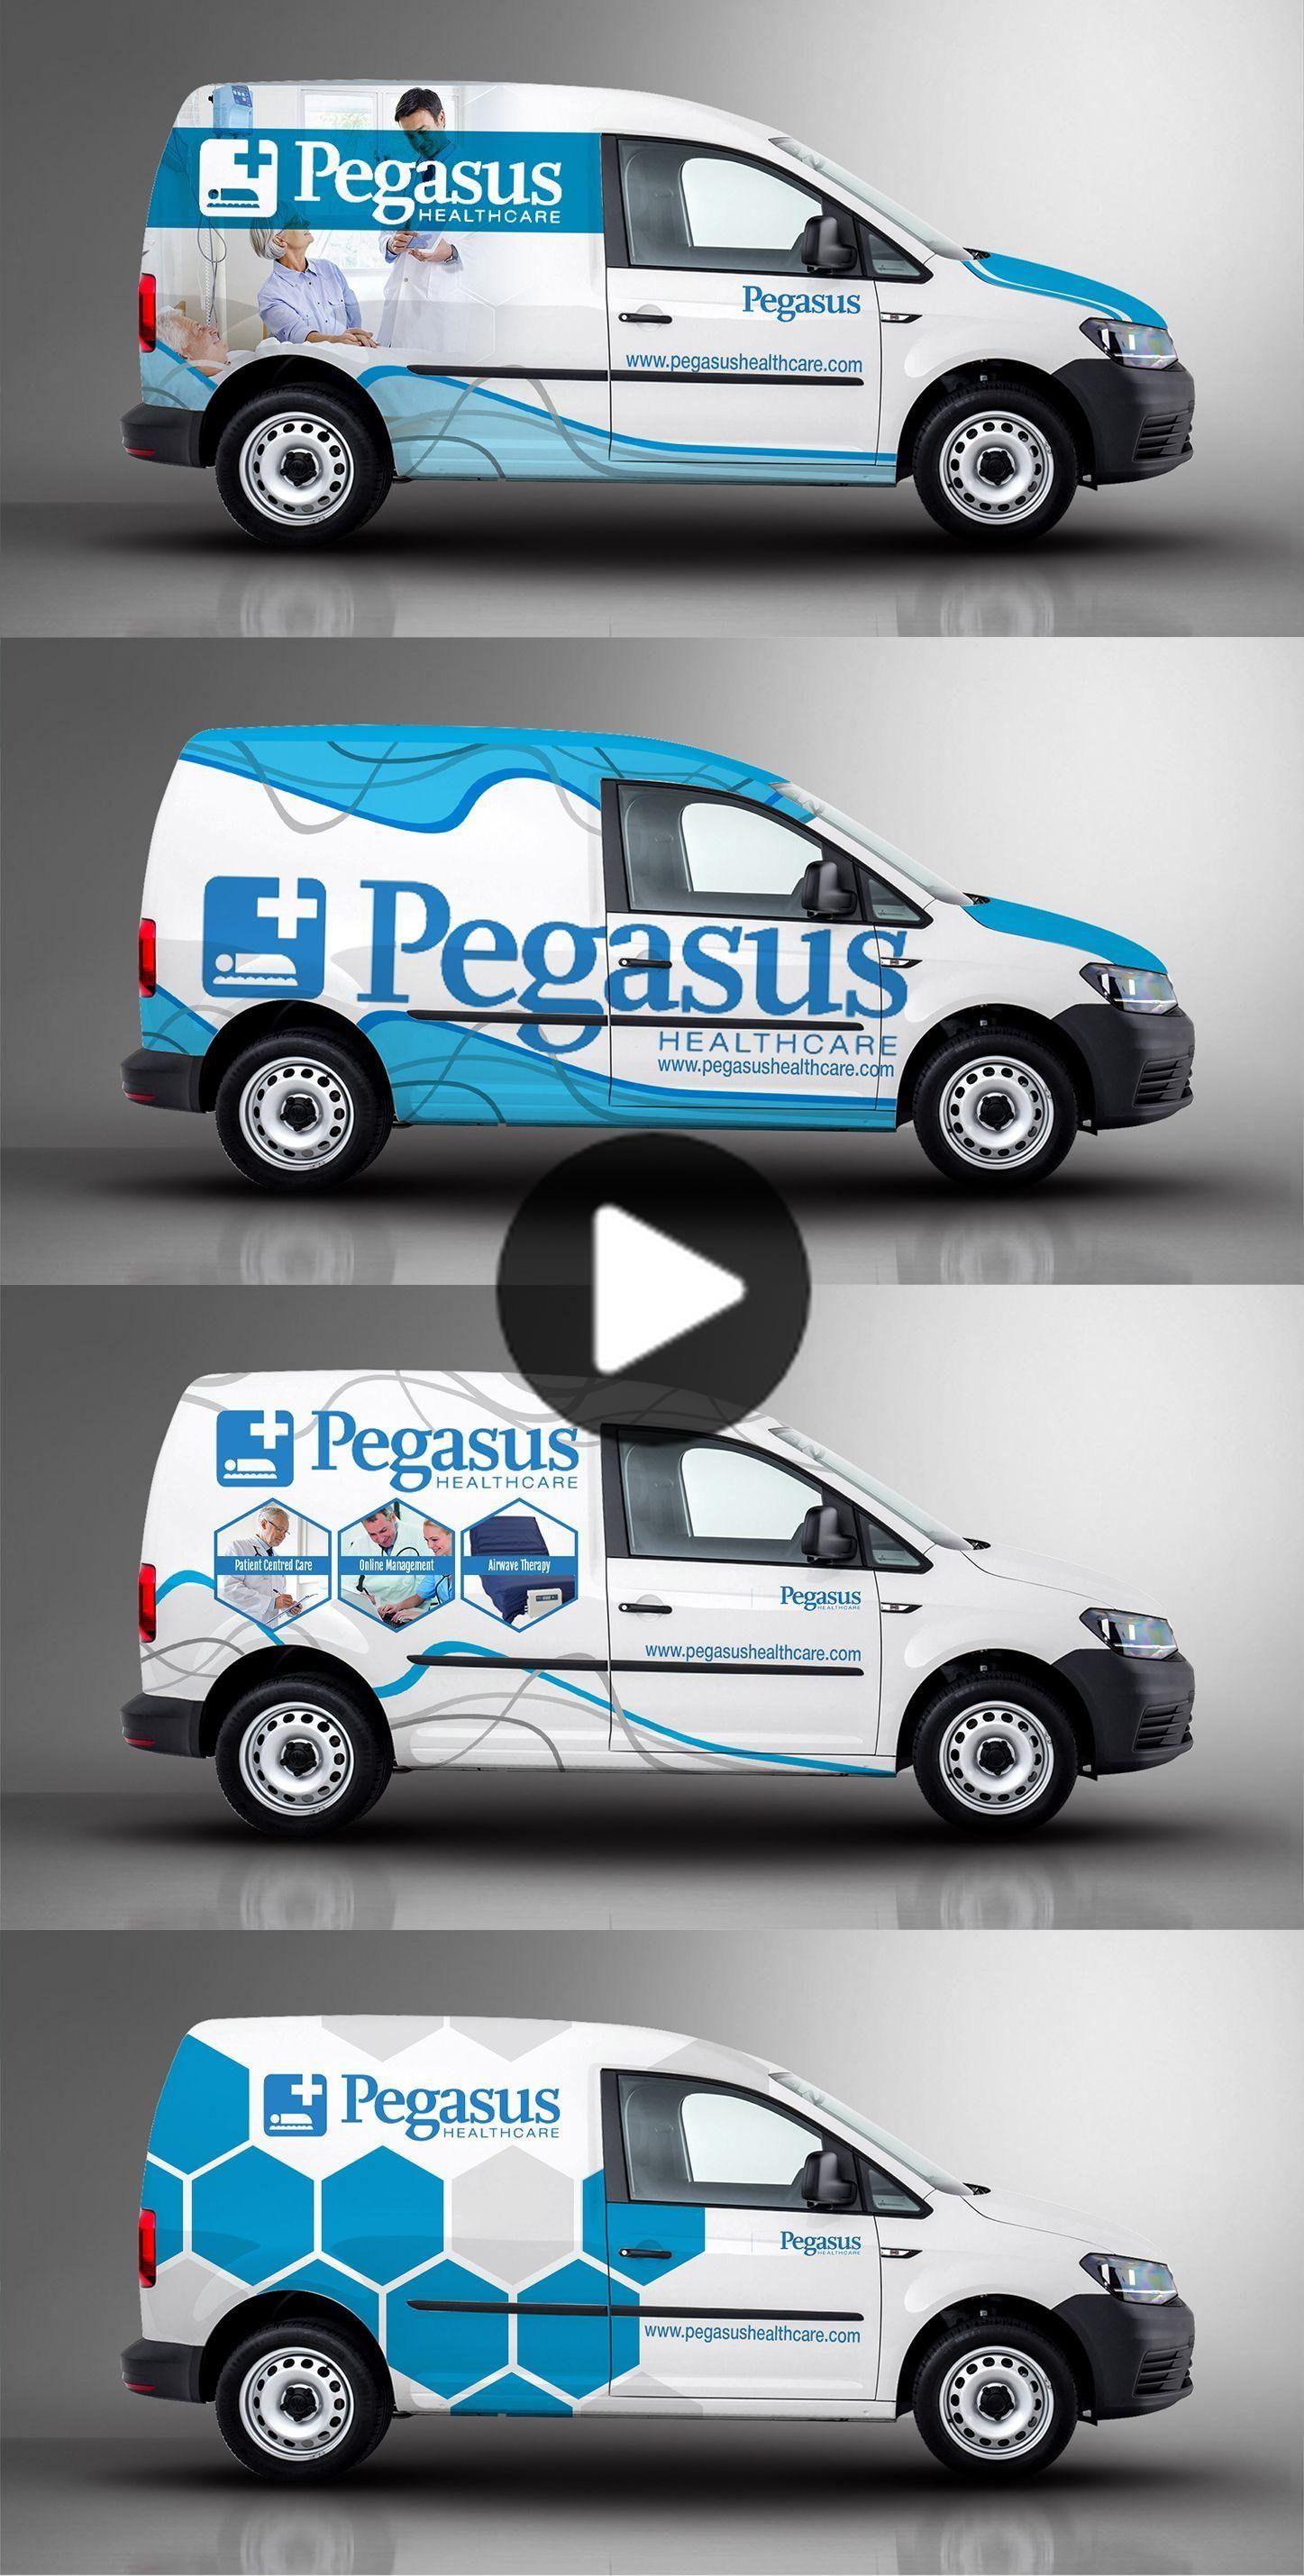 I Like Those Hexagons Tho Vehicle Signage Truck Design Car Wrap [ 2859 x 1447 Pixel ]